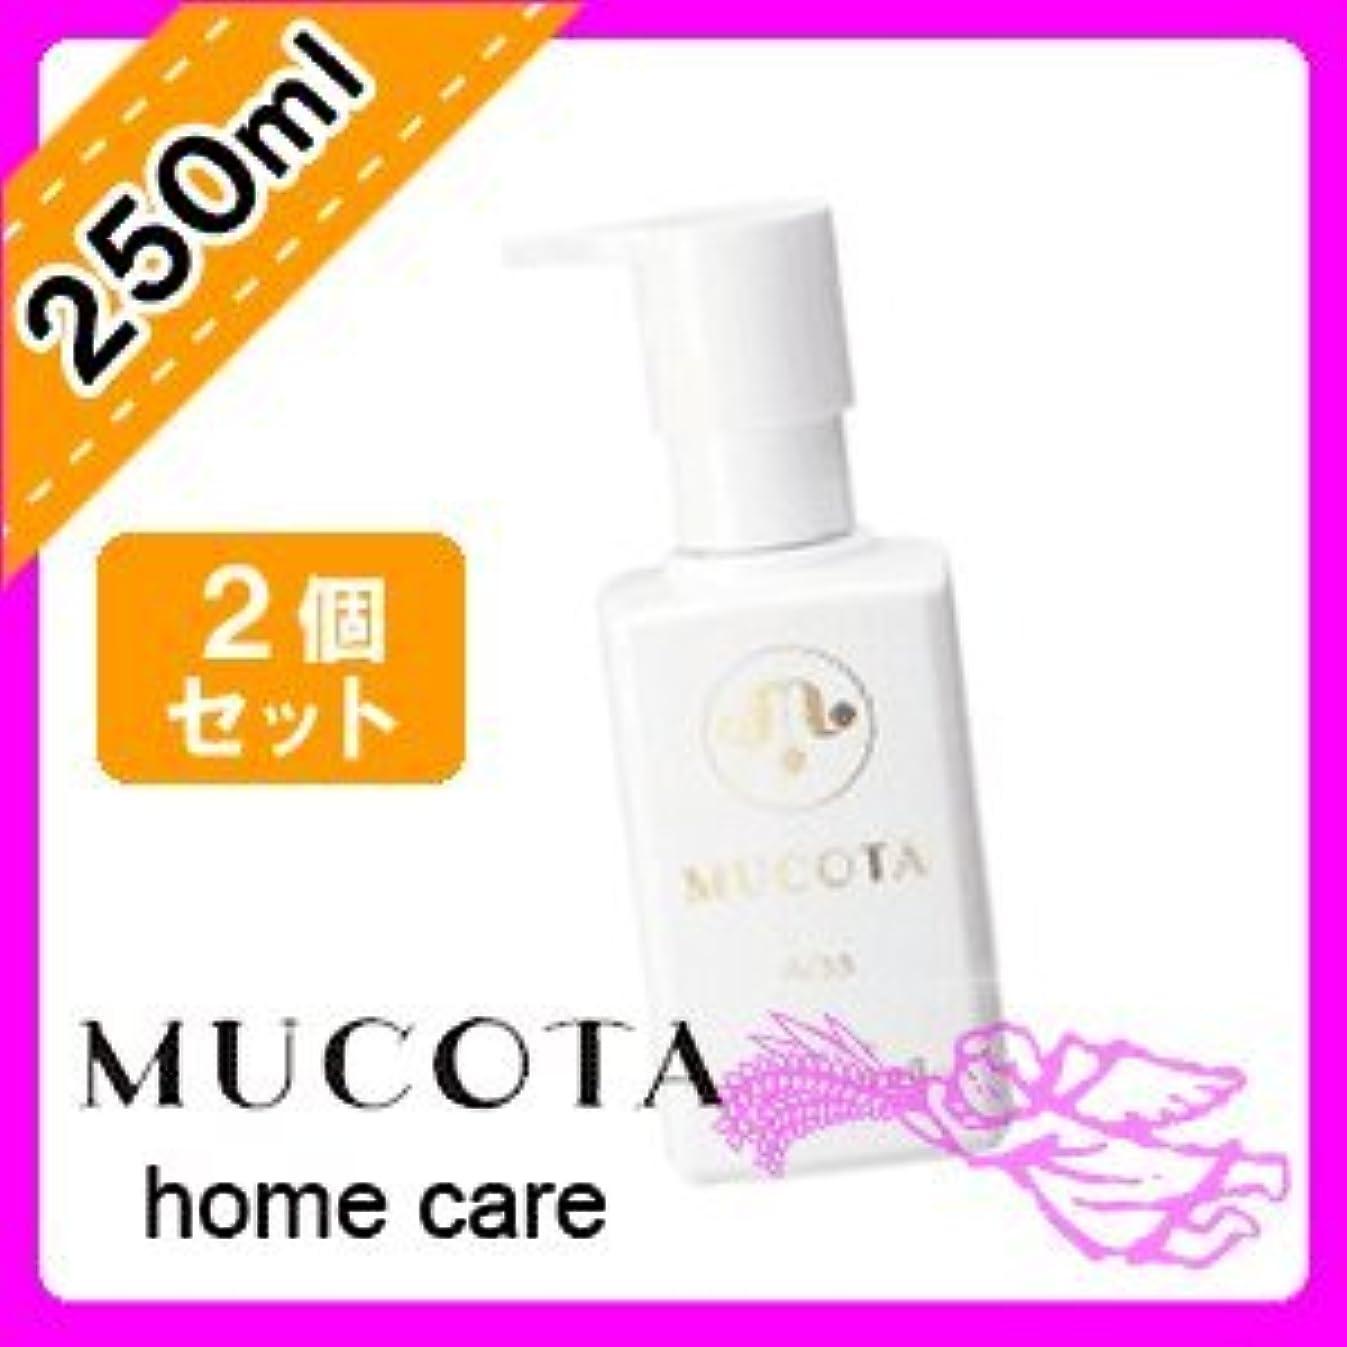 政治団結再生可能ムコタ ホームケア シャンプー A/33 250ml × 2個 セット MUCOTA Home Care